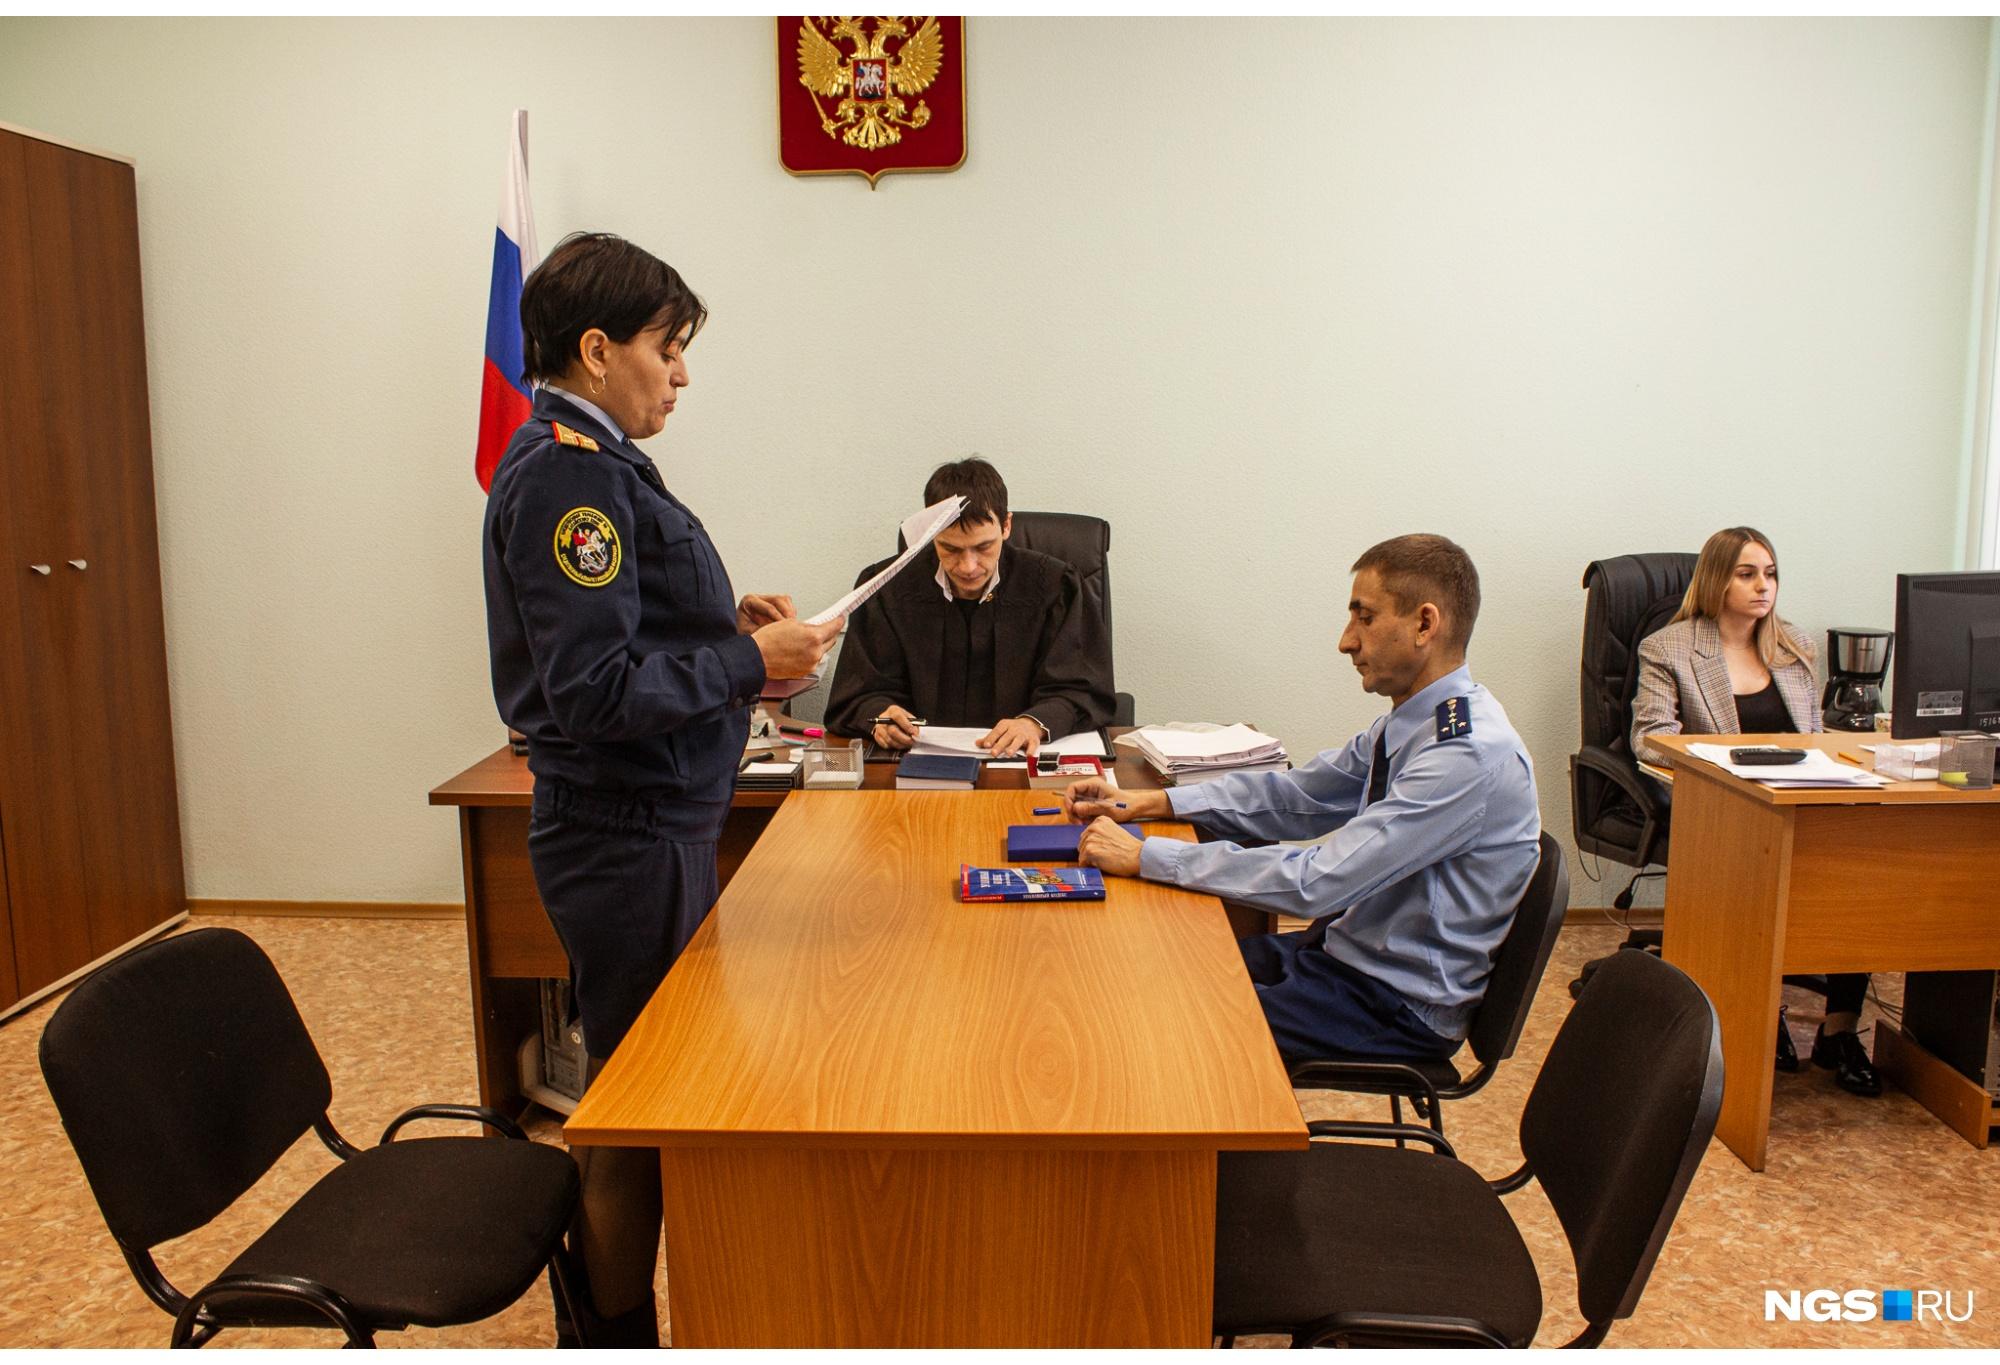 Меру пресечения избрал Калининский районный суд Новосибирска